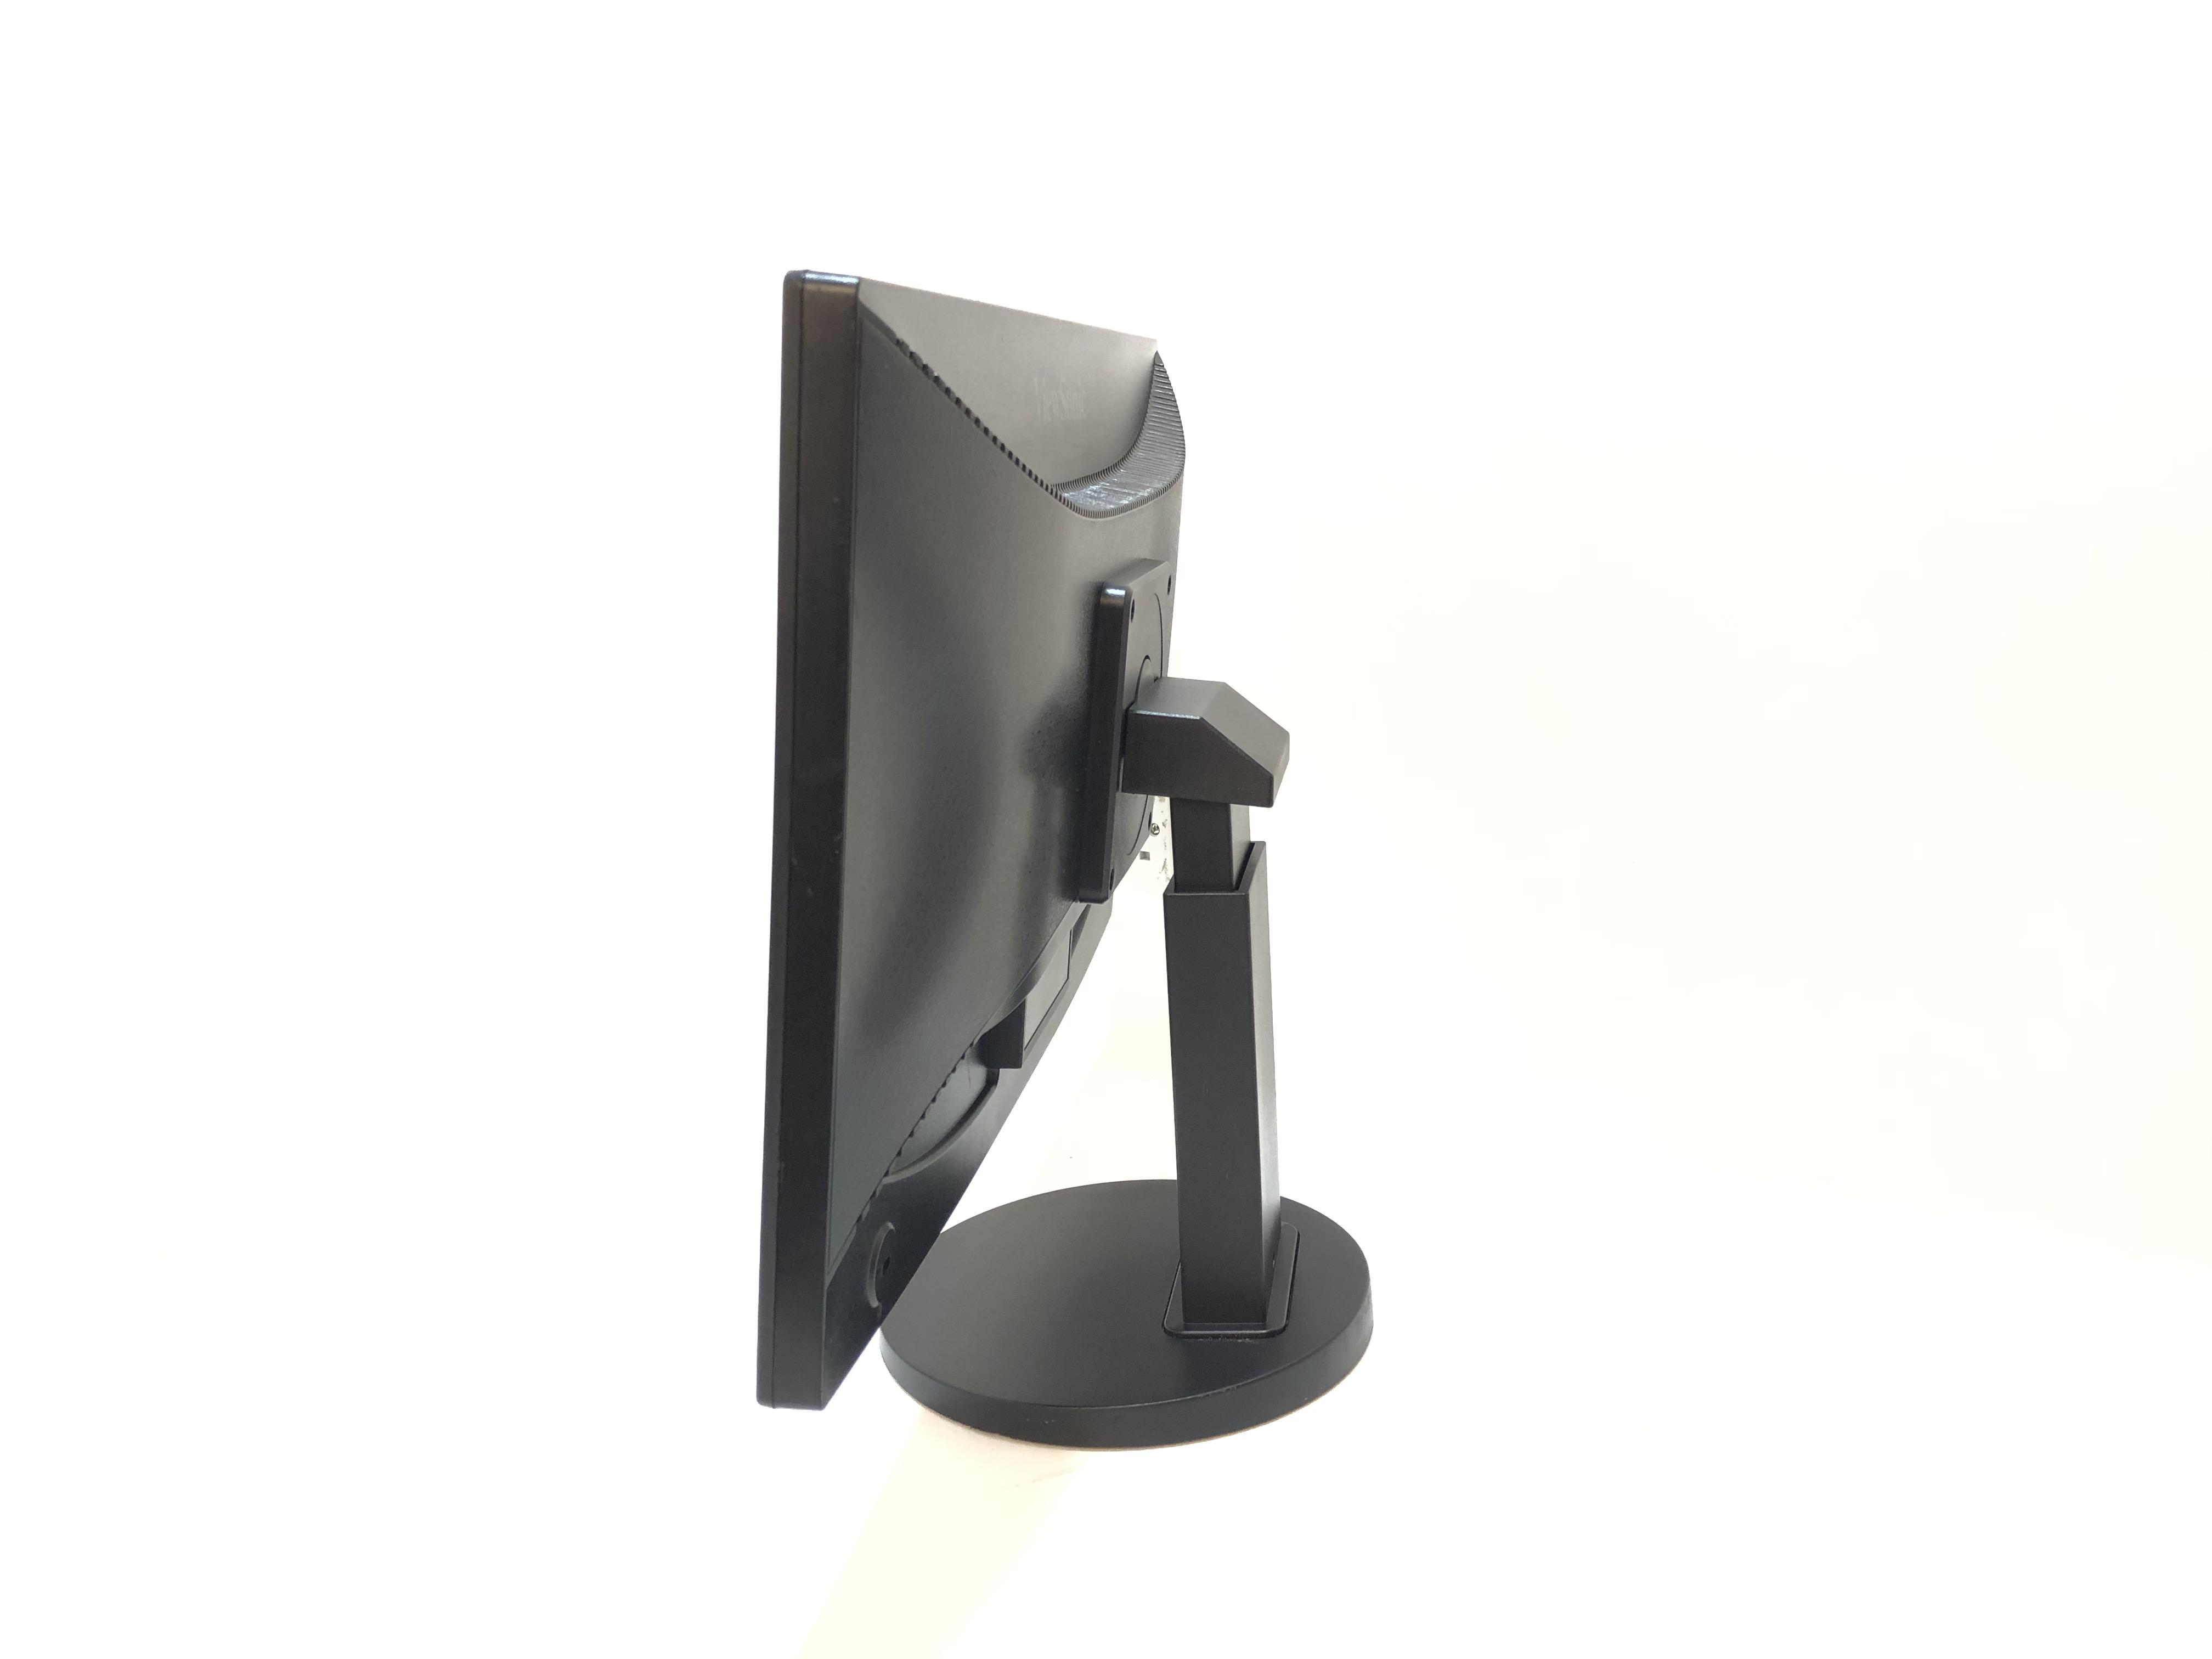 Viewsonic VG2233 No 4